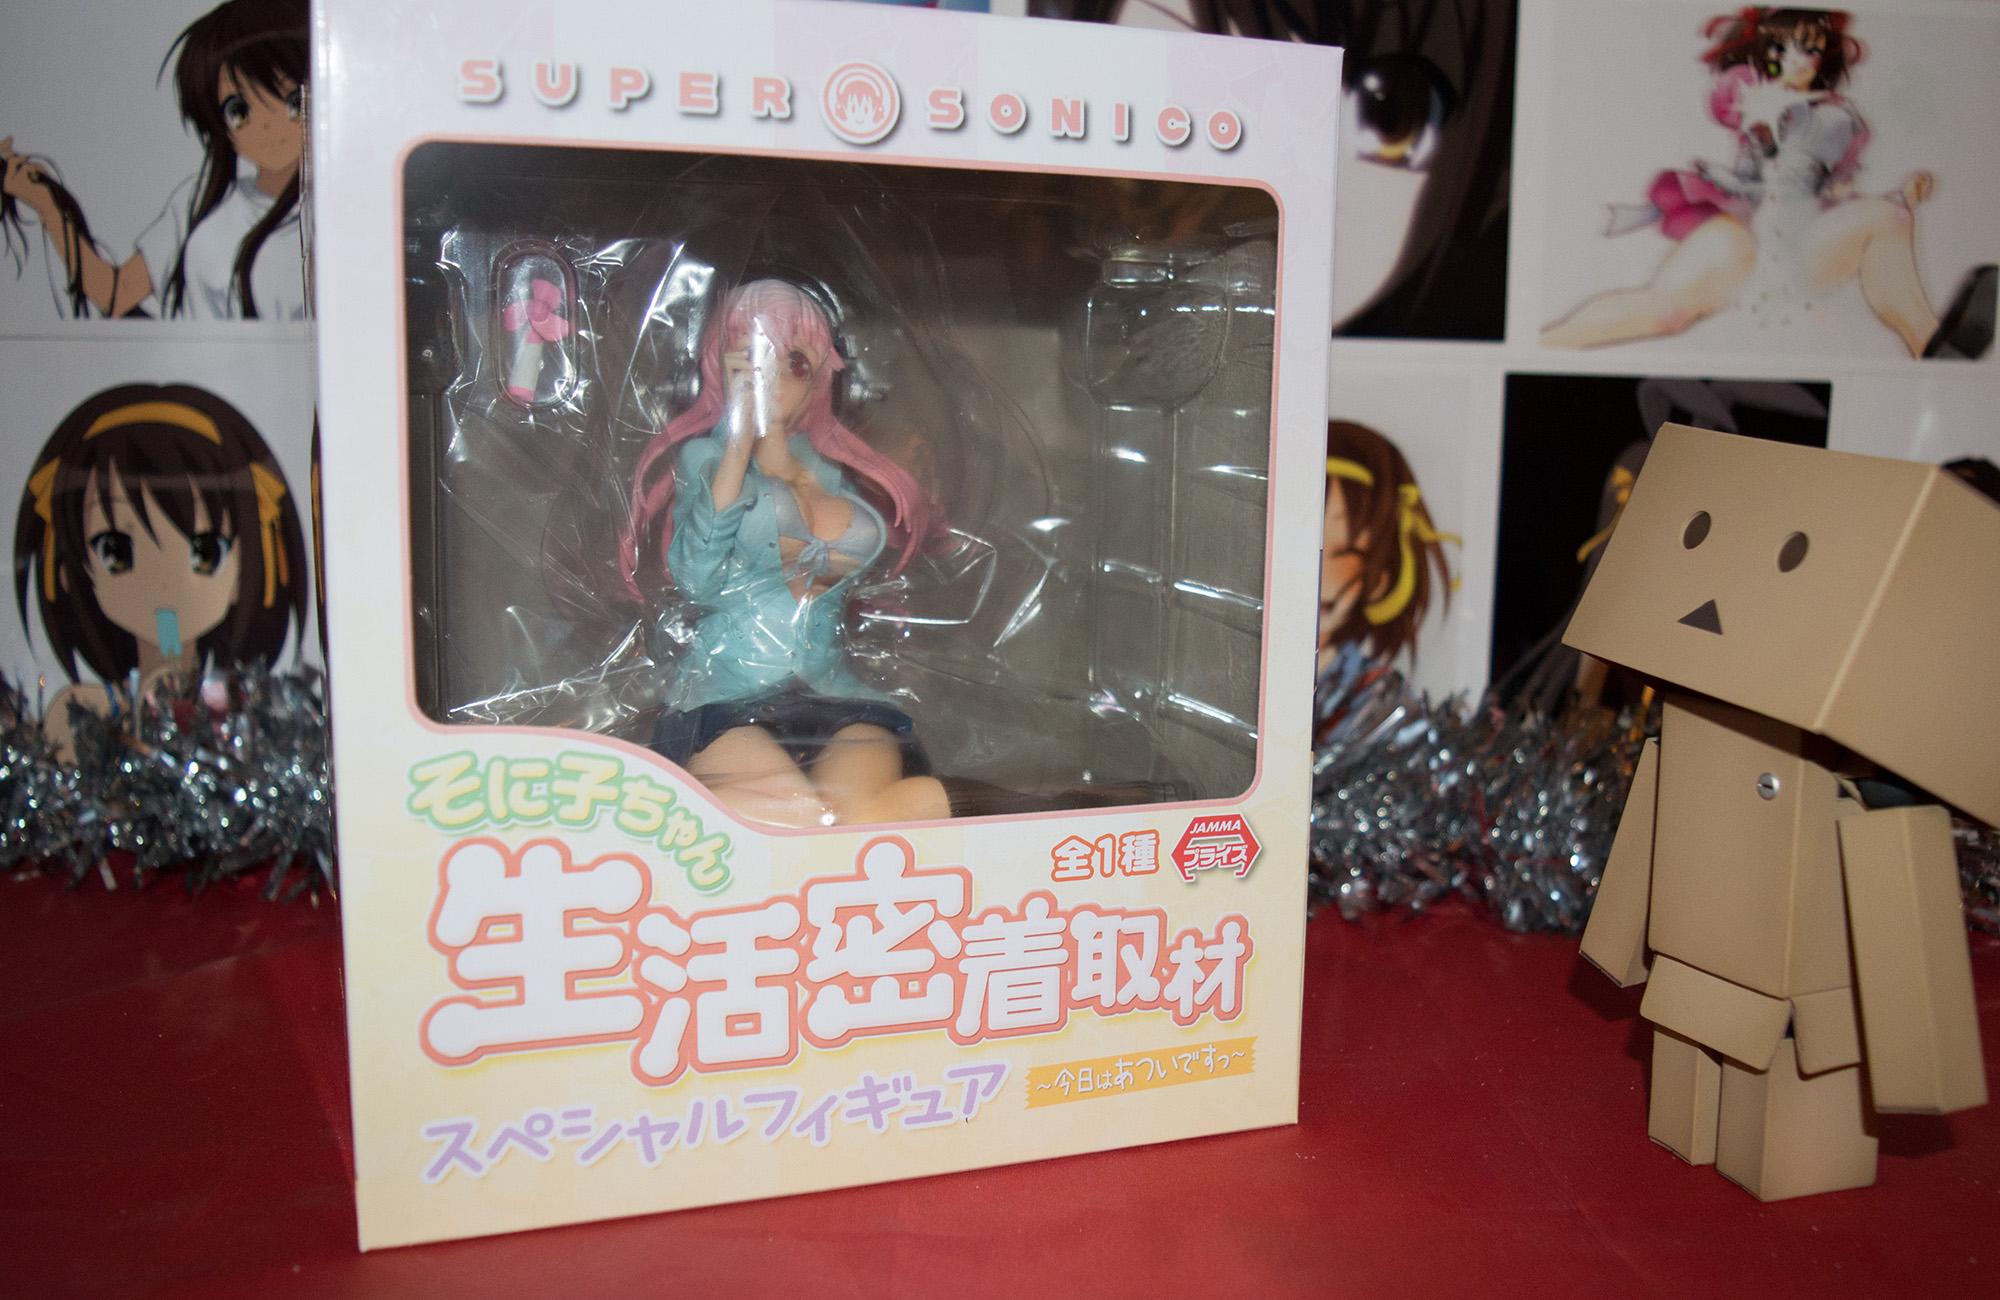 JList Fuku-Bukuro Lucky Anime Toy Set Overview haruhichan.com Nitro Super Sonic - Sonico - Kyou wa Atsui Desu ver